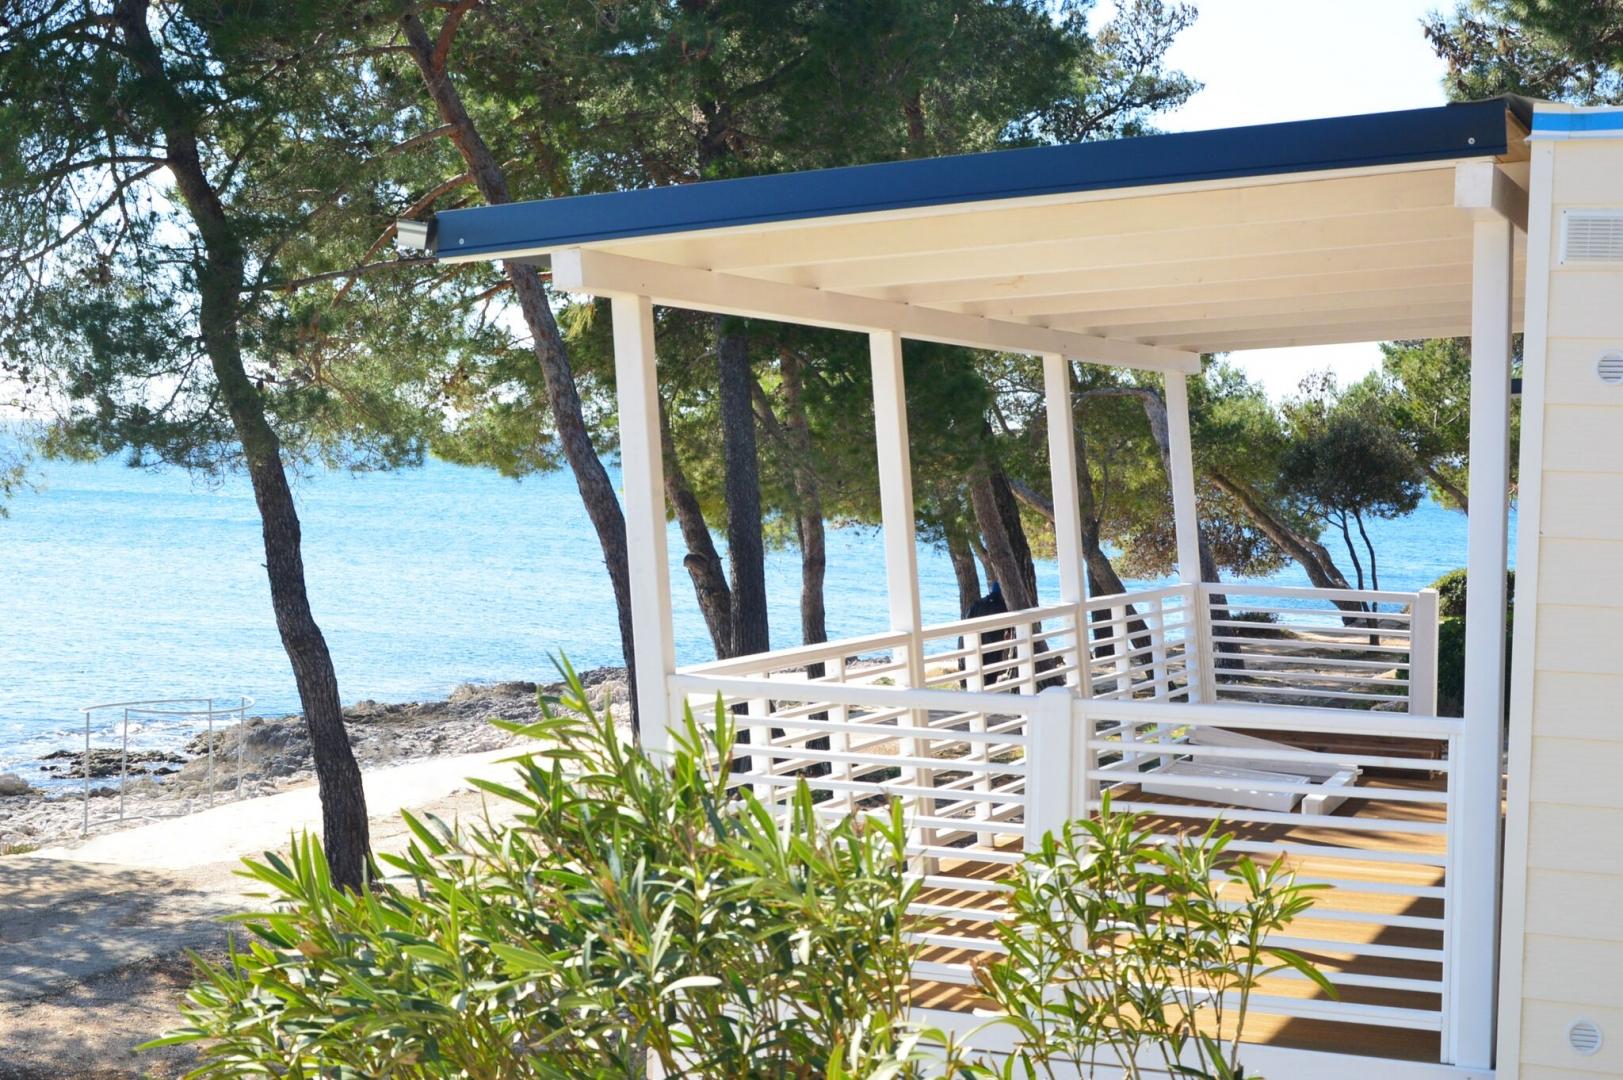 Überdachte Terrasse mit Blick auf das Meer